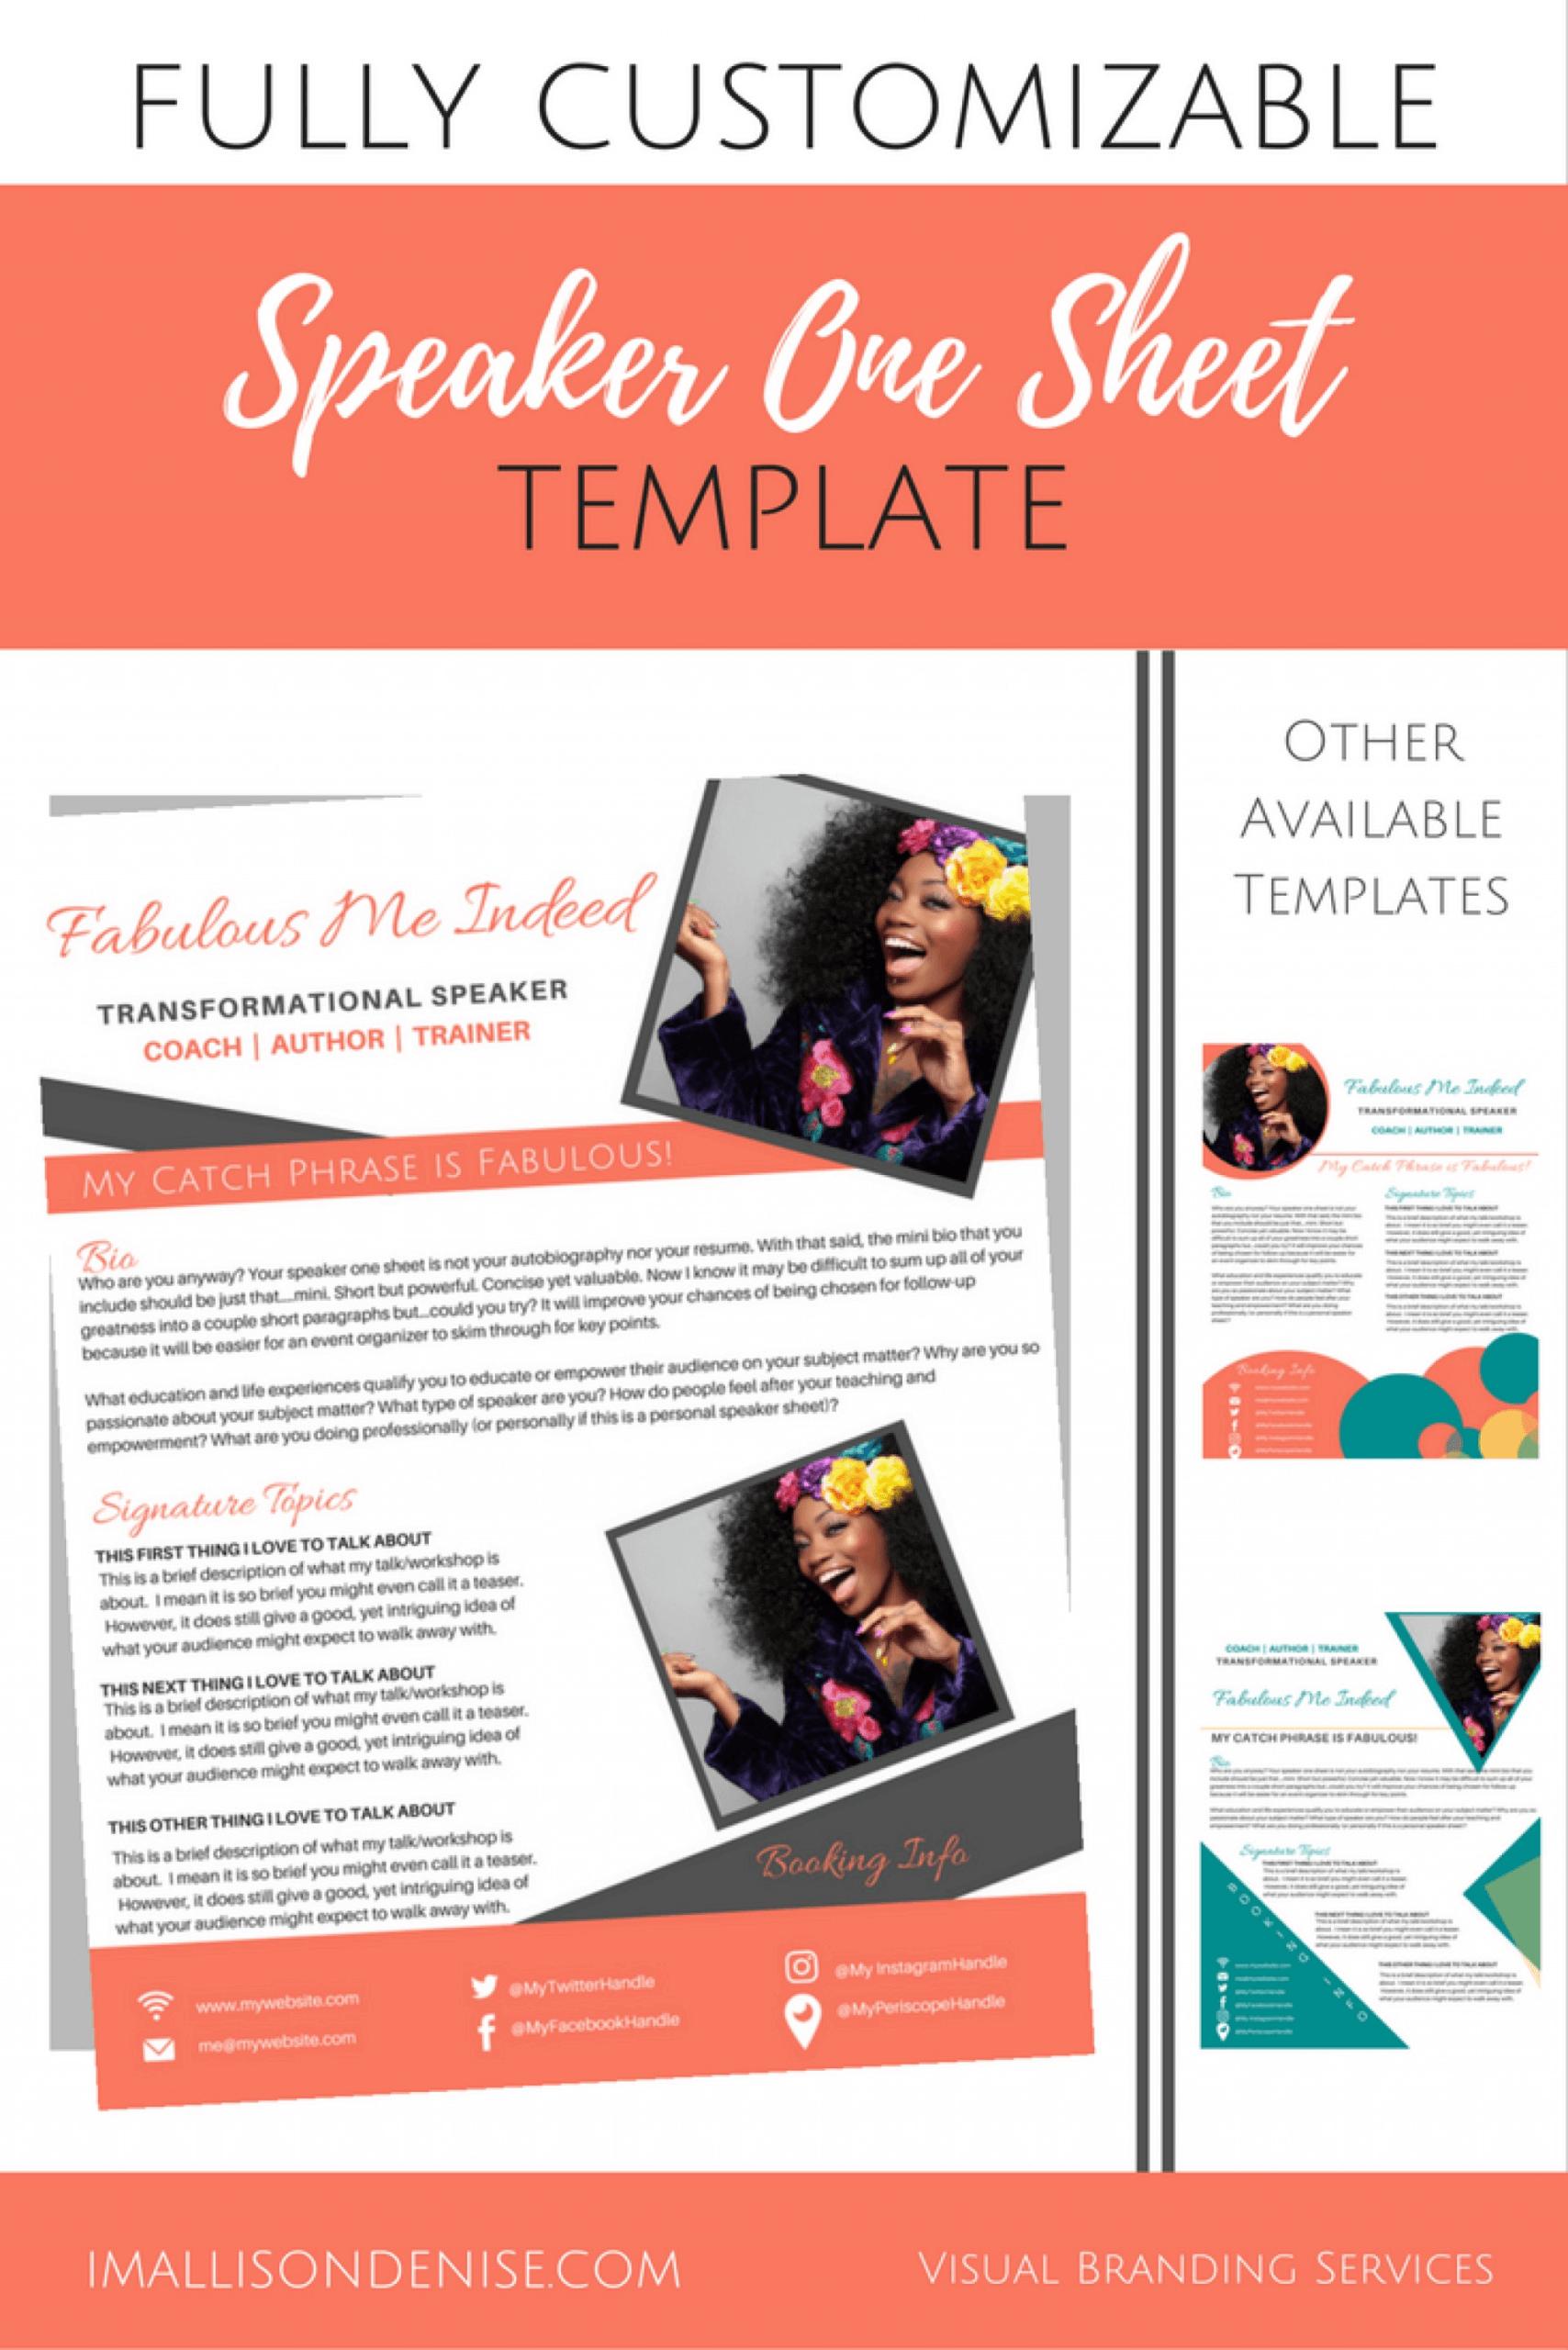 026 Business One Sheet Template Influencer Mediakit Share Regarding Business One Sheet Template